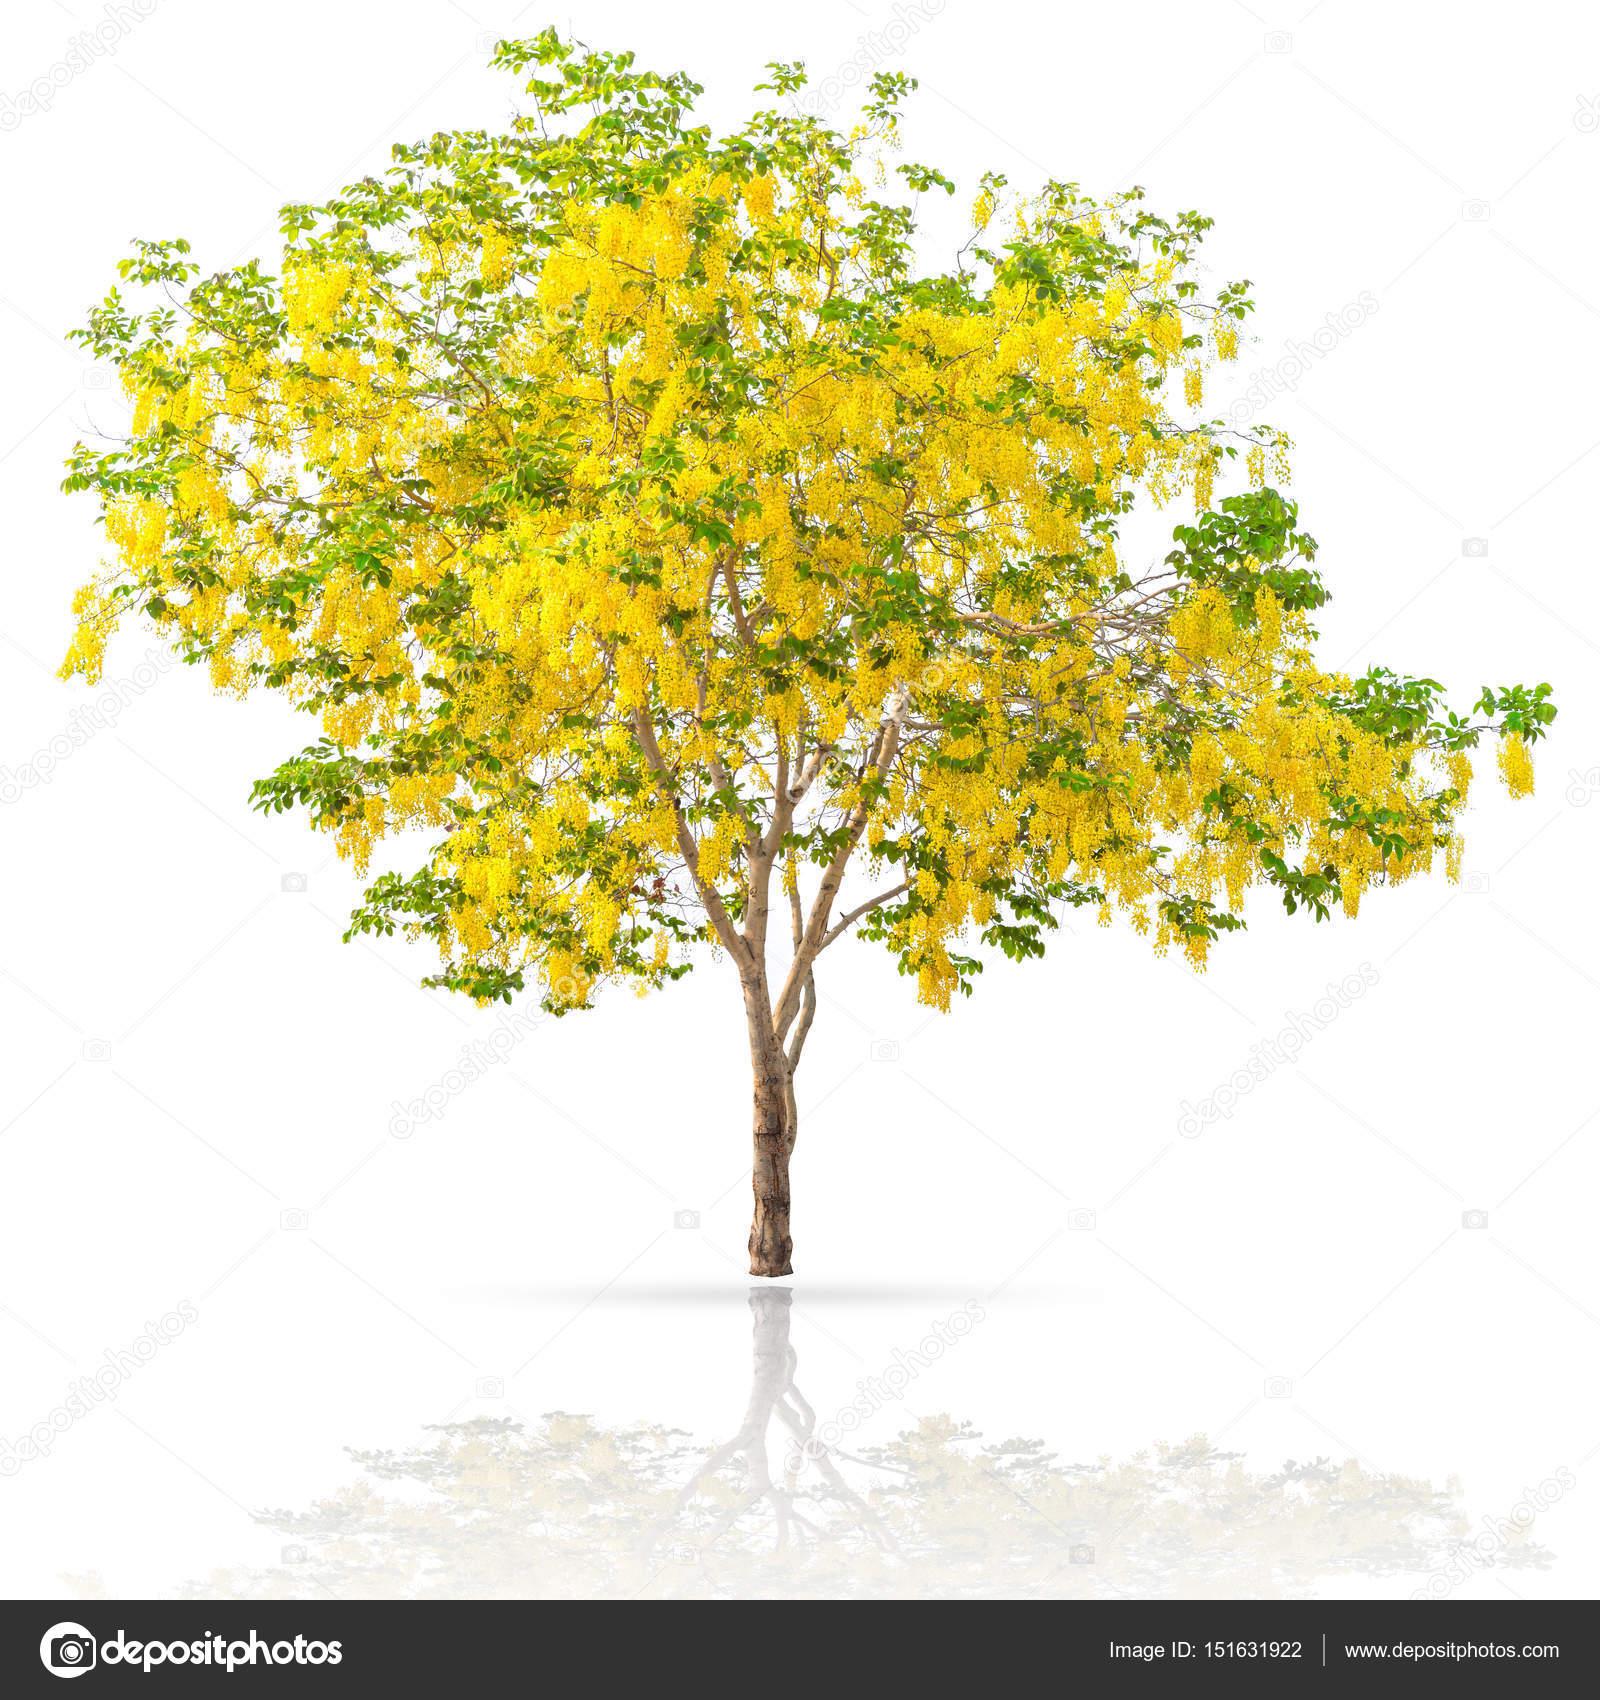 Golden Shower Yellow Flower Tree At Summer Season In Thailand